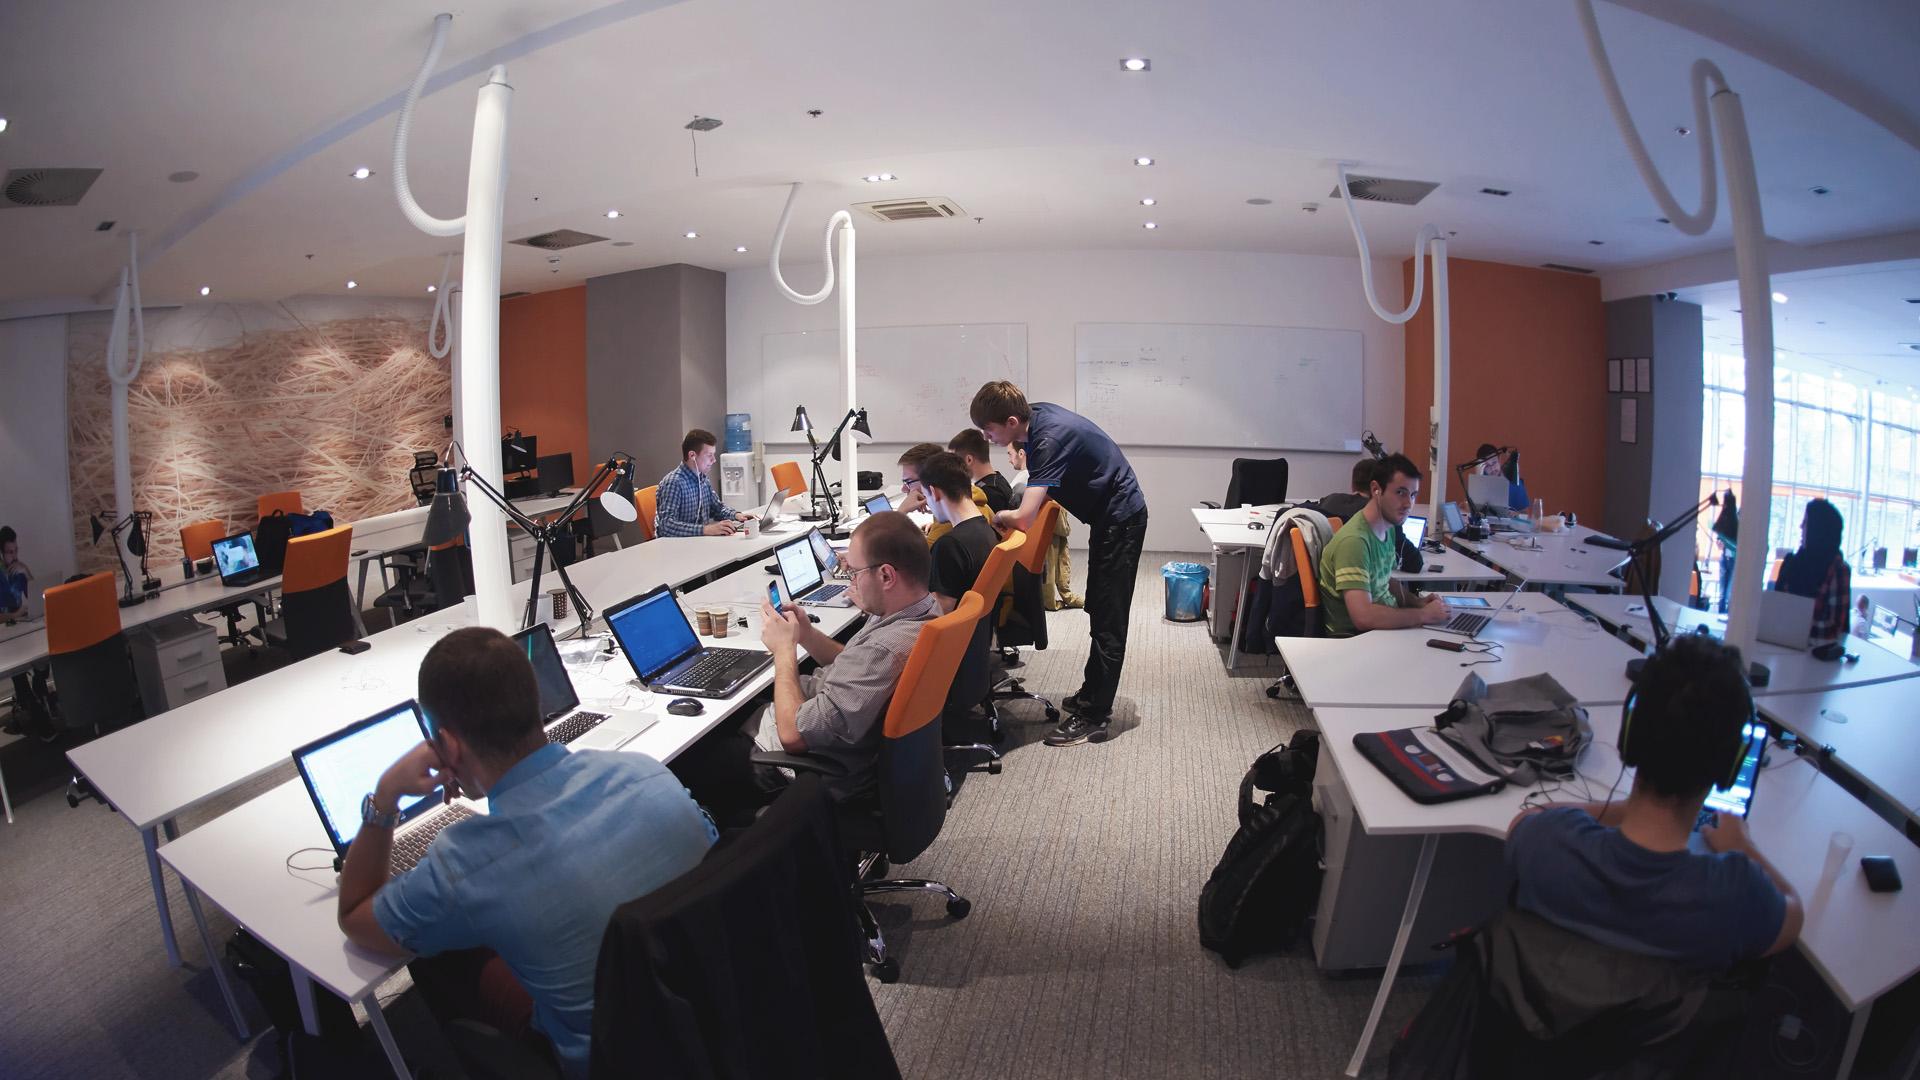 Co-investimento: uma maneira eficaz de investir em startup